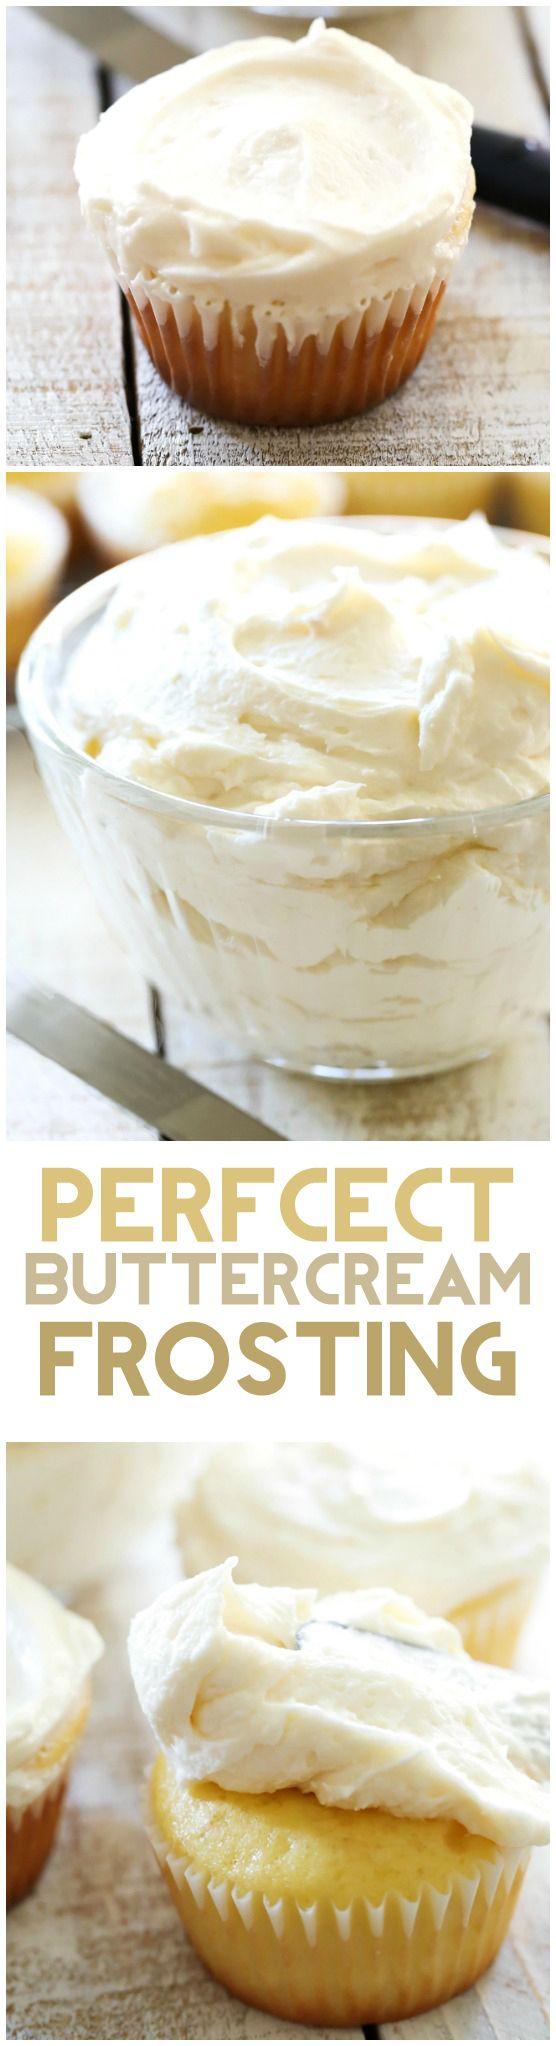 Classic Buttercream Frosting Recipe